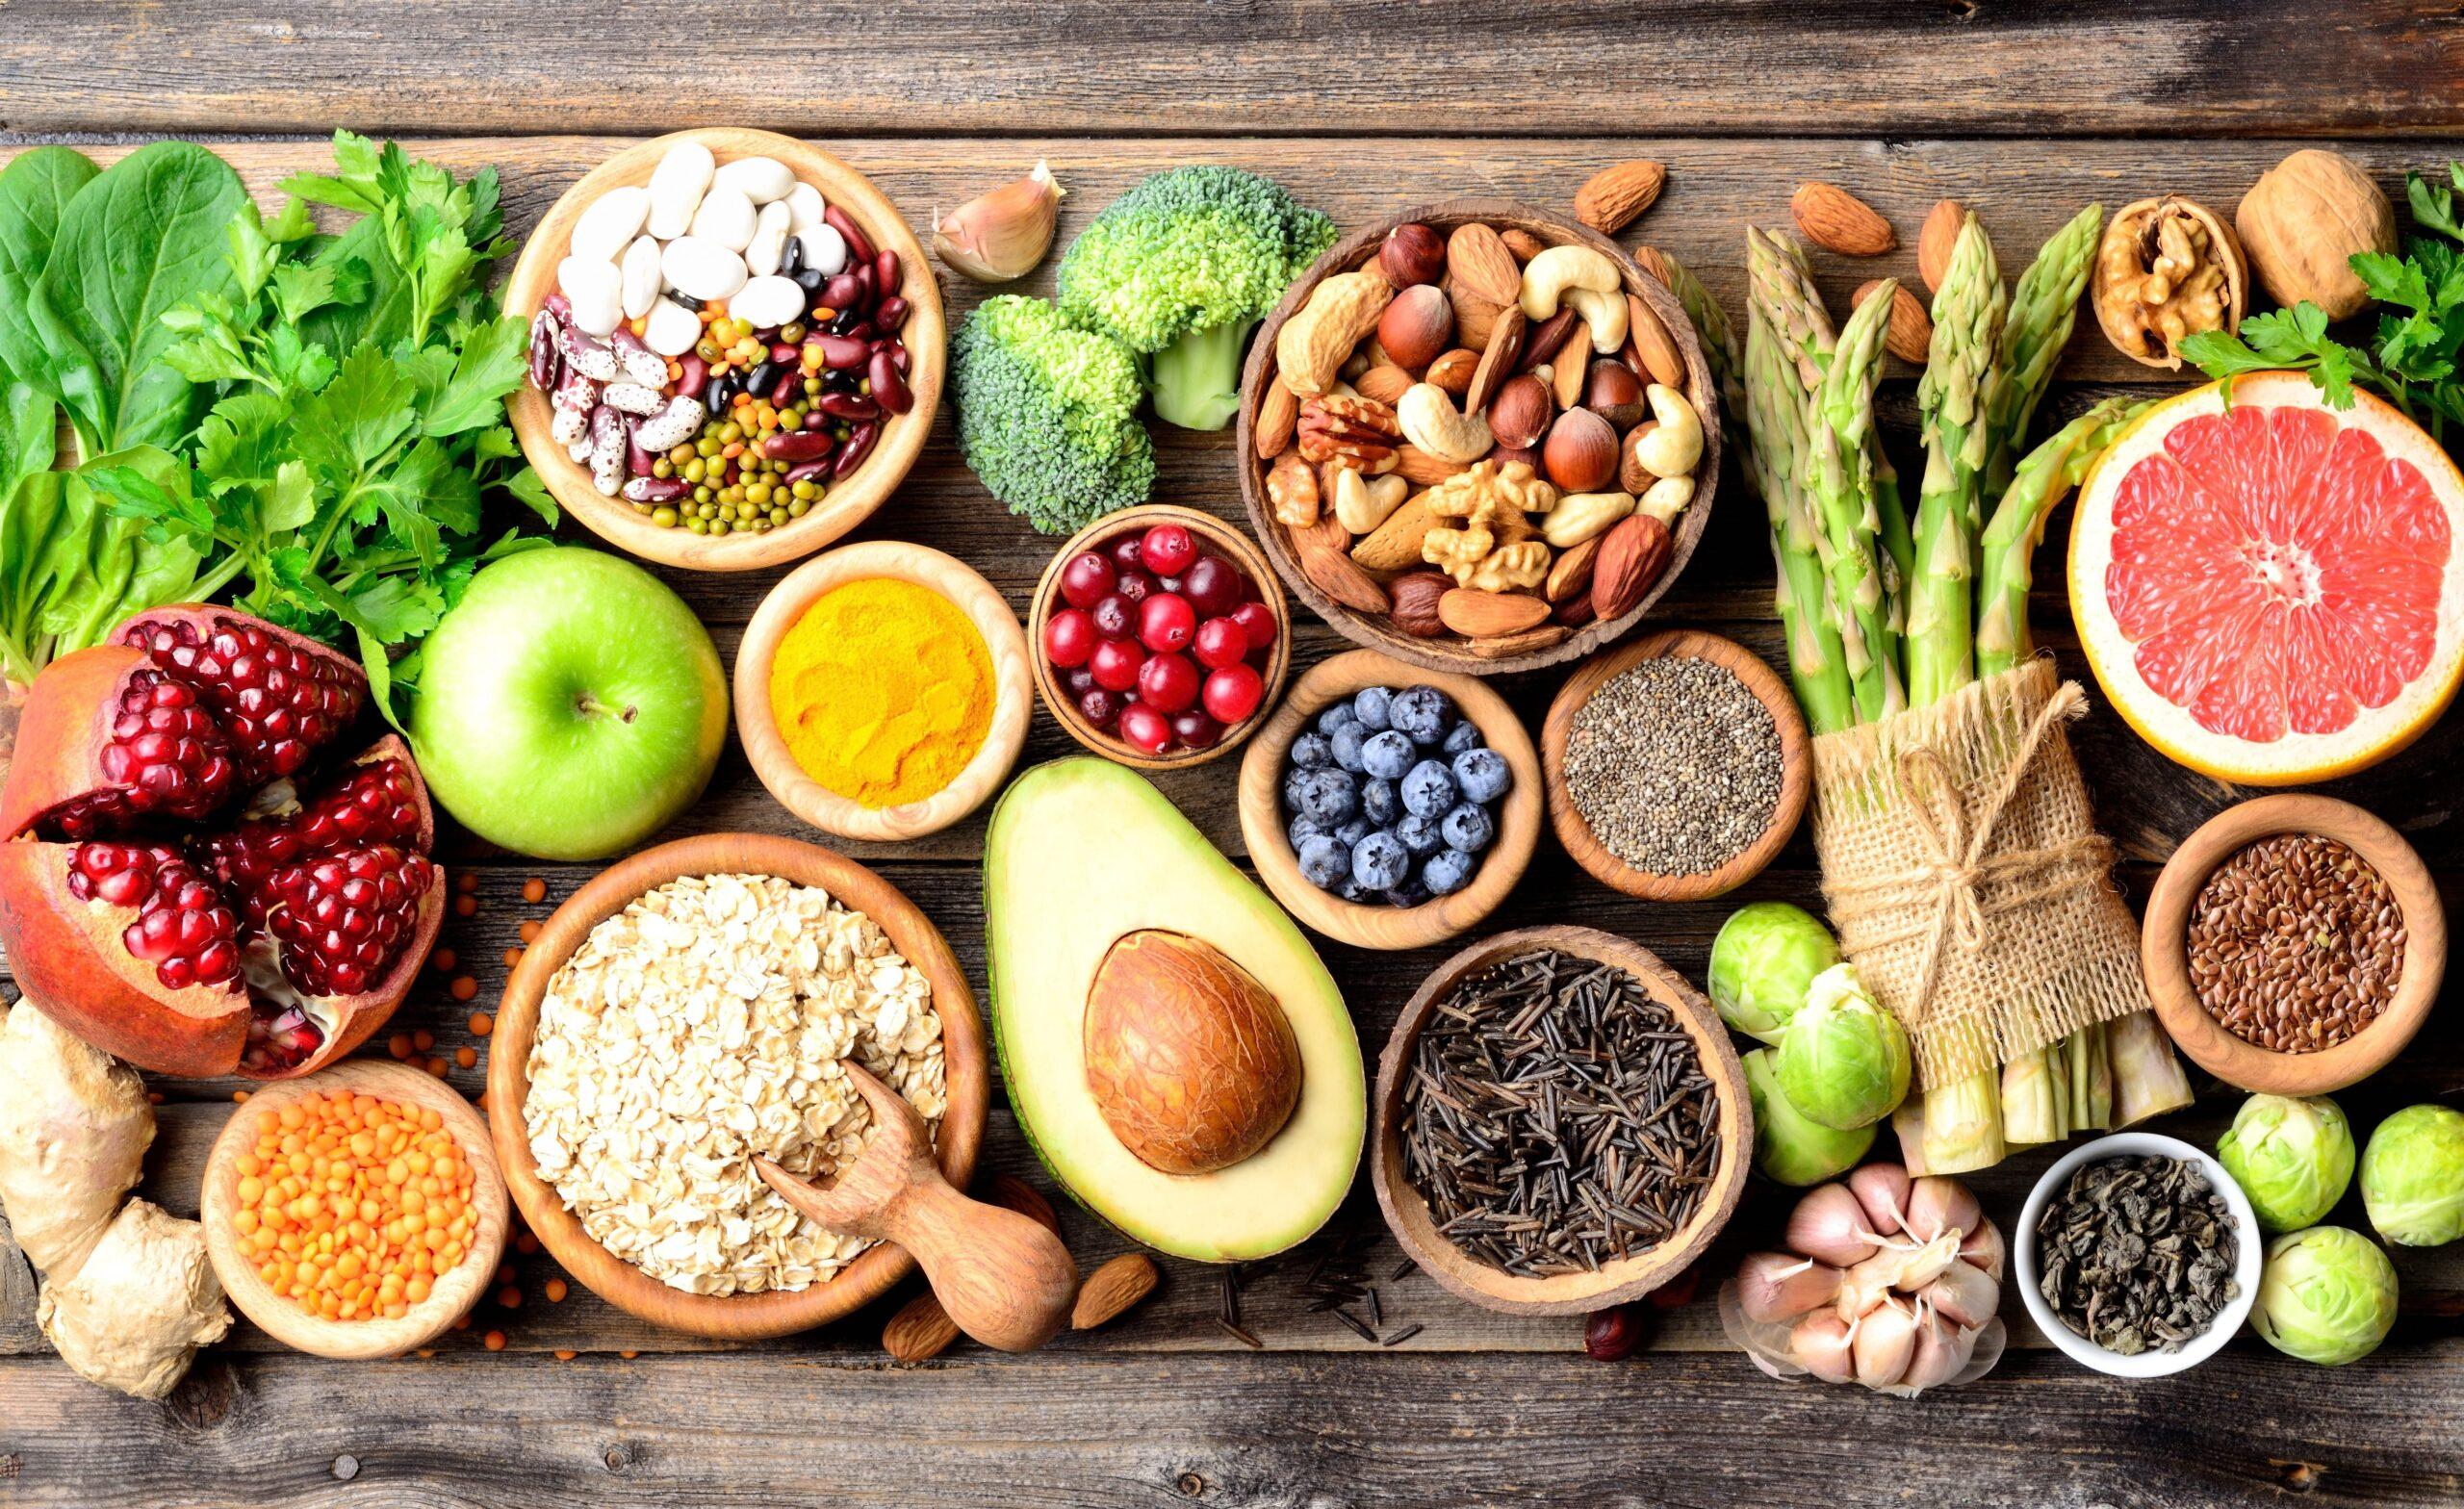 Îmbunătățește-ți imunitatea și energia cu aceste alimente. Ce să mănânci ca să te simți mai bine